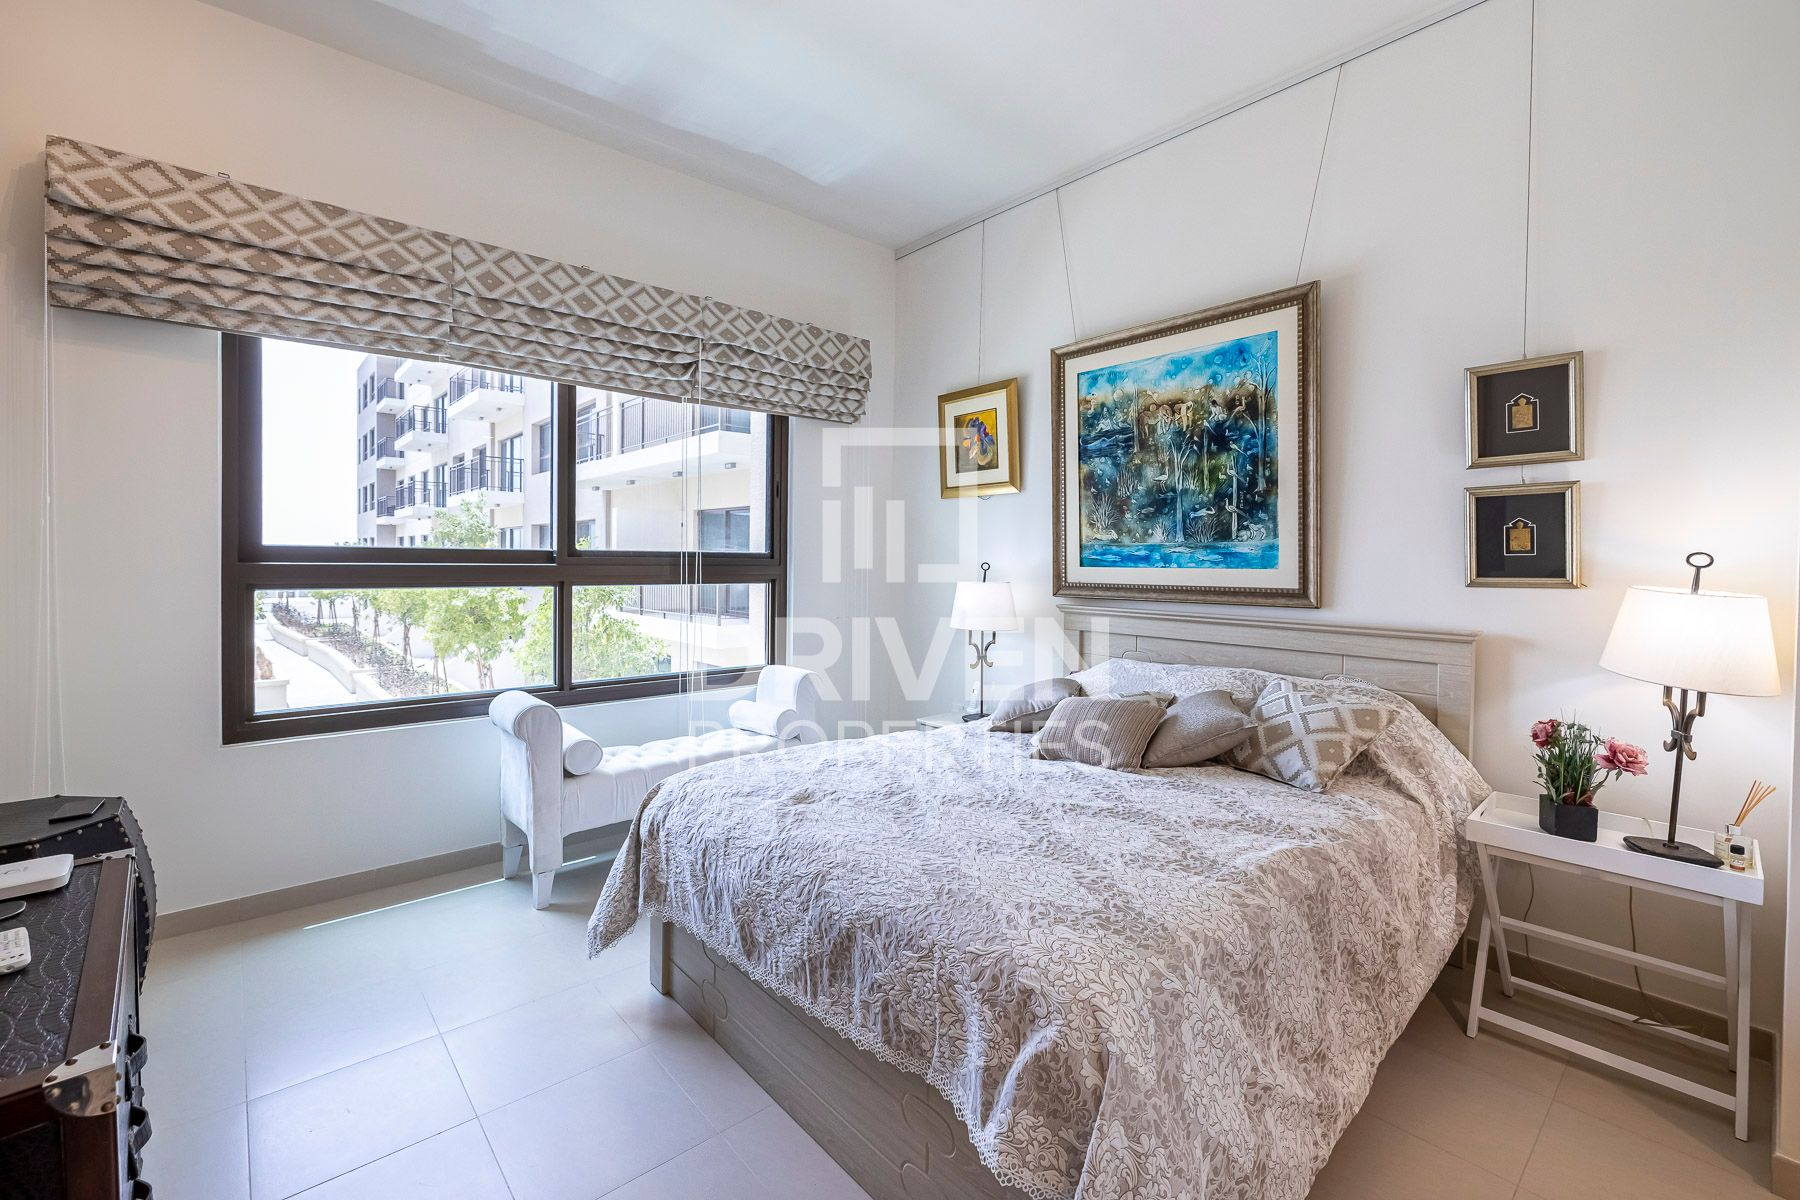 للايجار - شقة - غولف فيوز - دبي الجنوب (مركز دبي العالمي)